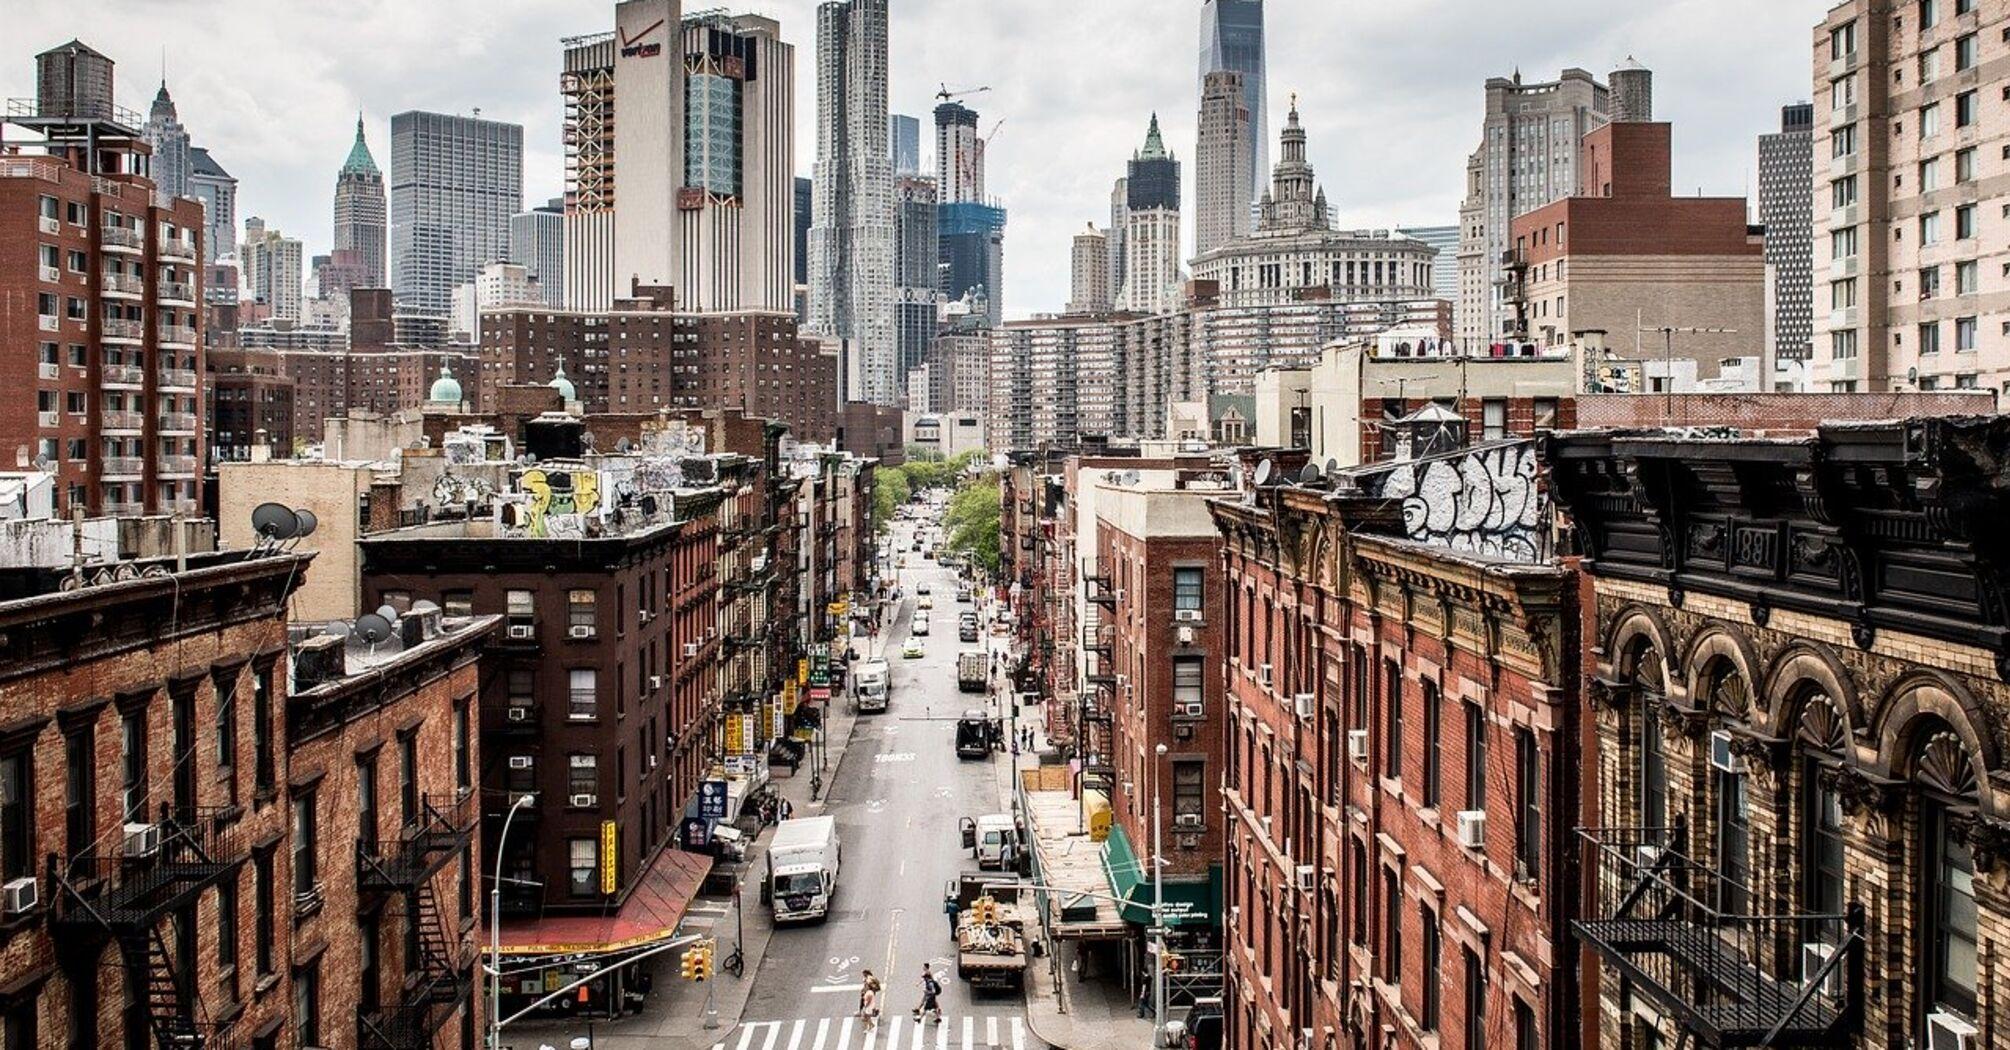 Из-за коронакризиса квартиры на Манхэттене стали сдавать бесплатно